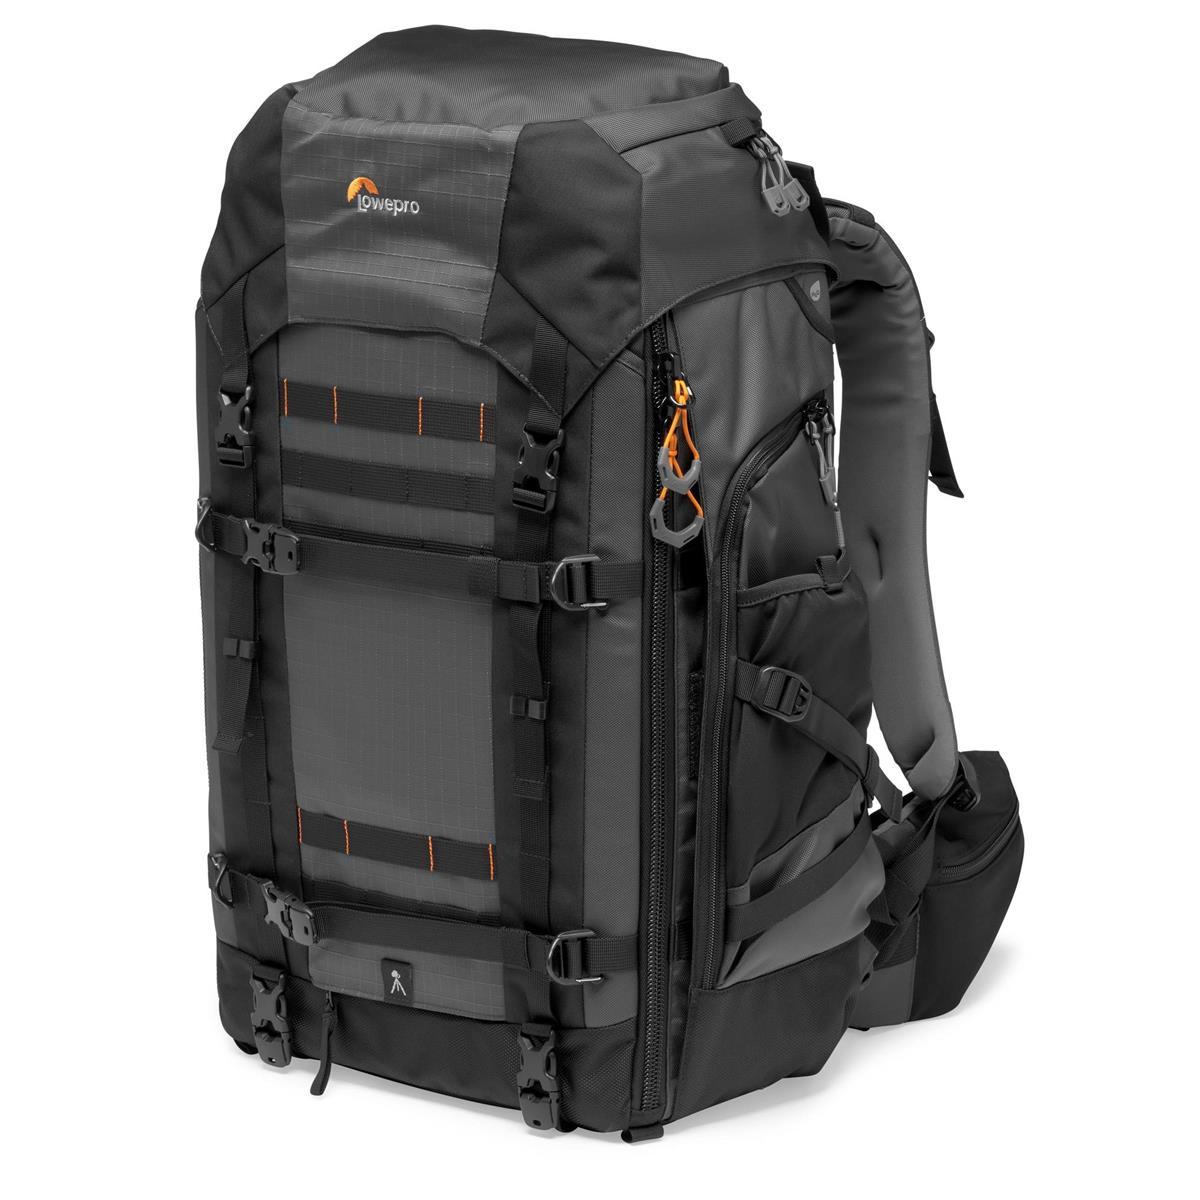 Lowepro Pro Trekker BP 550 AW II Backpack (Grey)